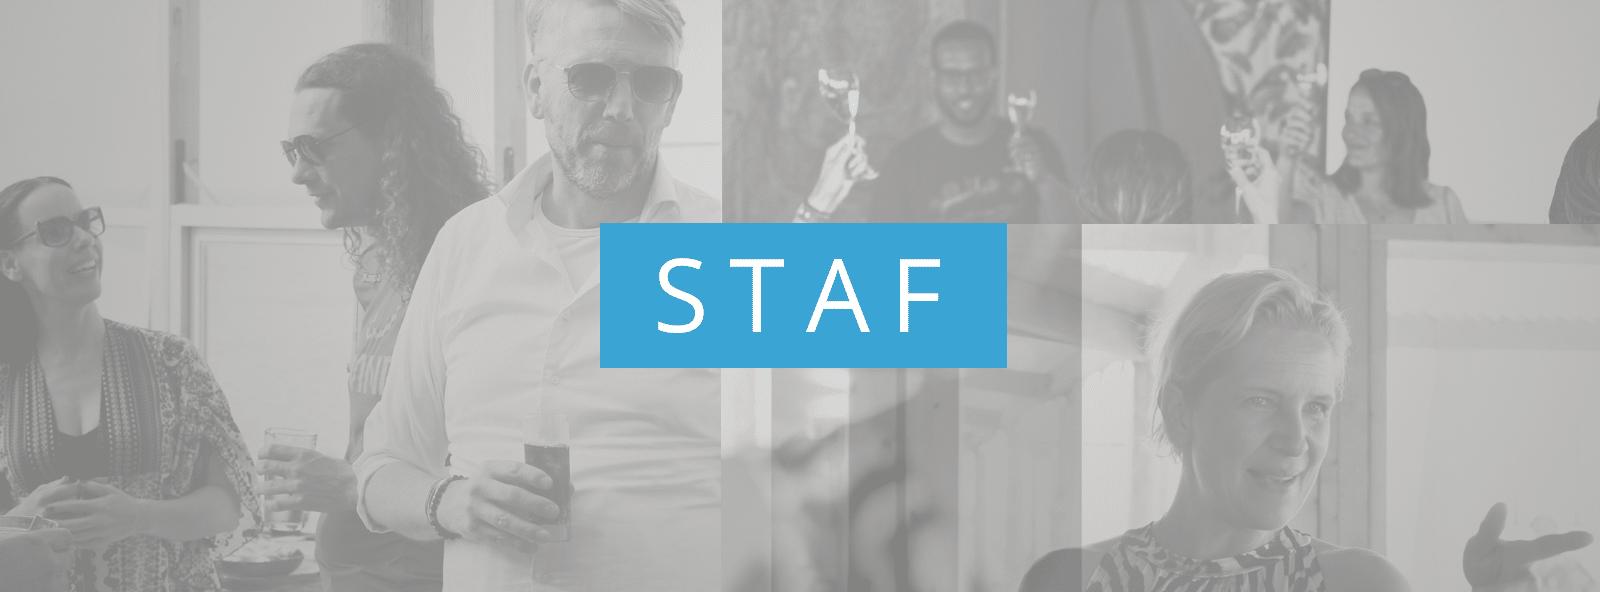 Staf team Netive VMS